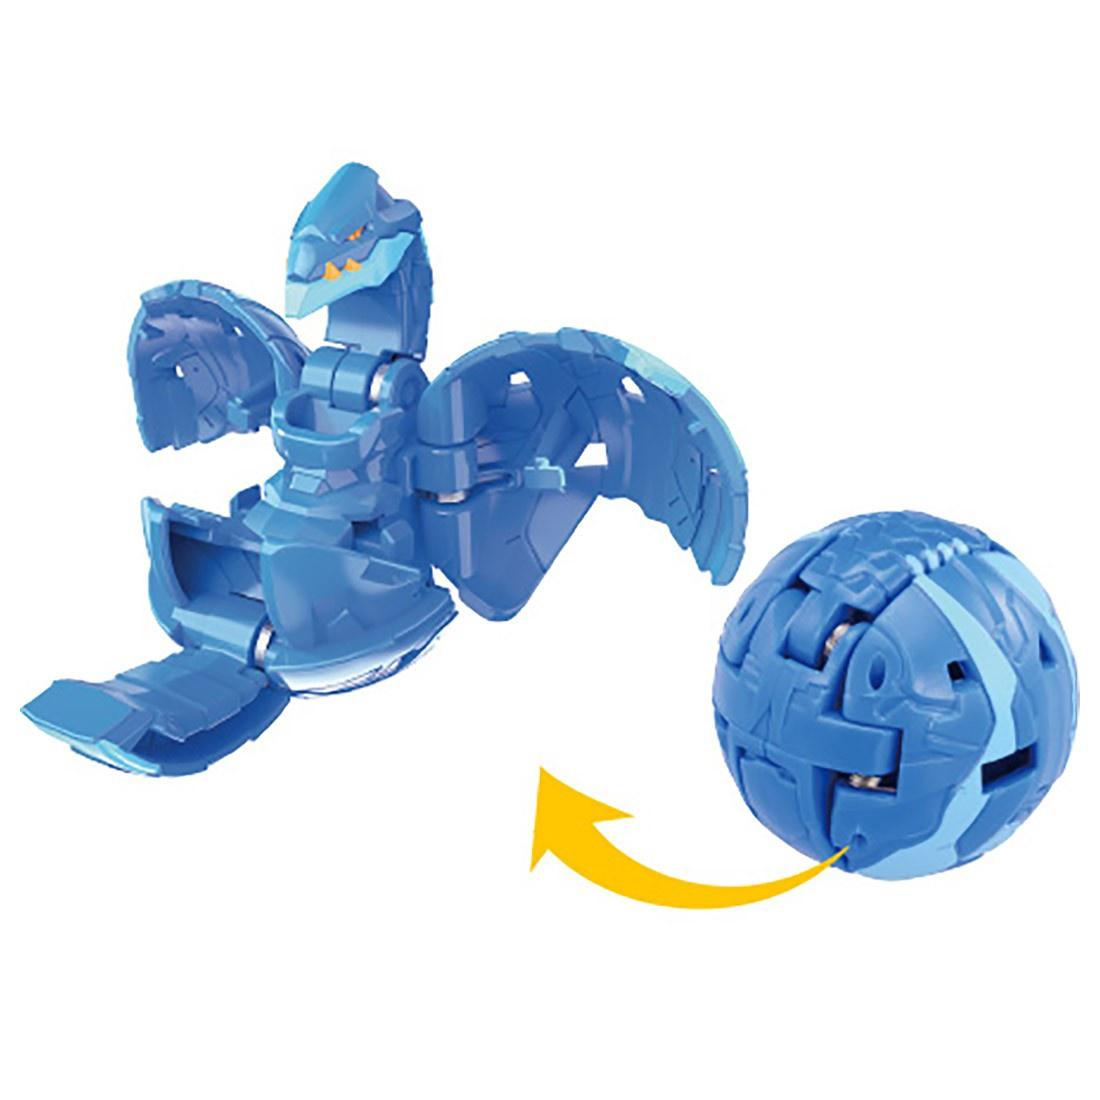 BAKUGAN BP BASIC 019 SERPENTEZE BLUE